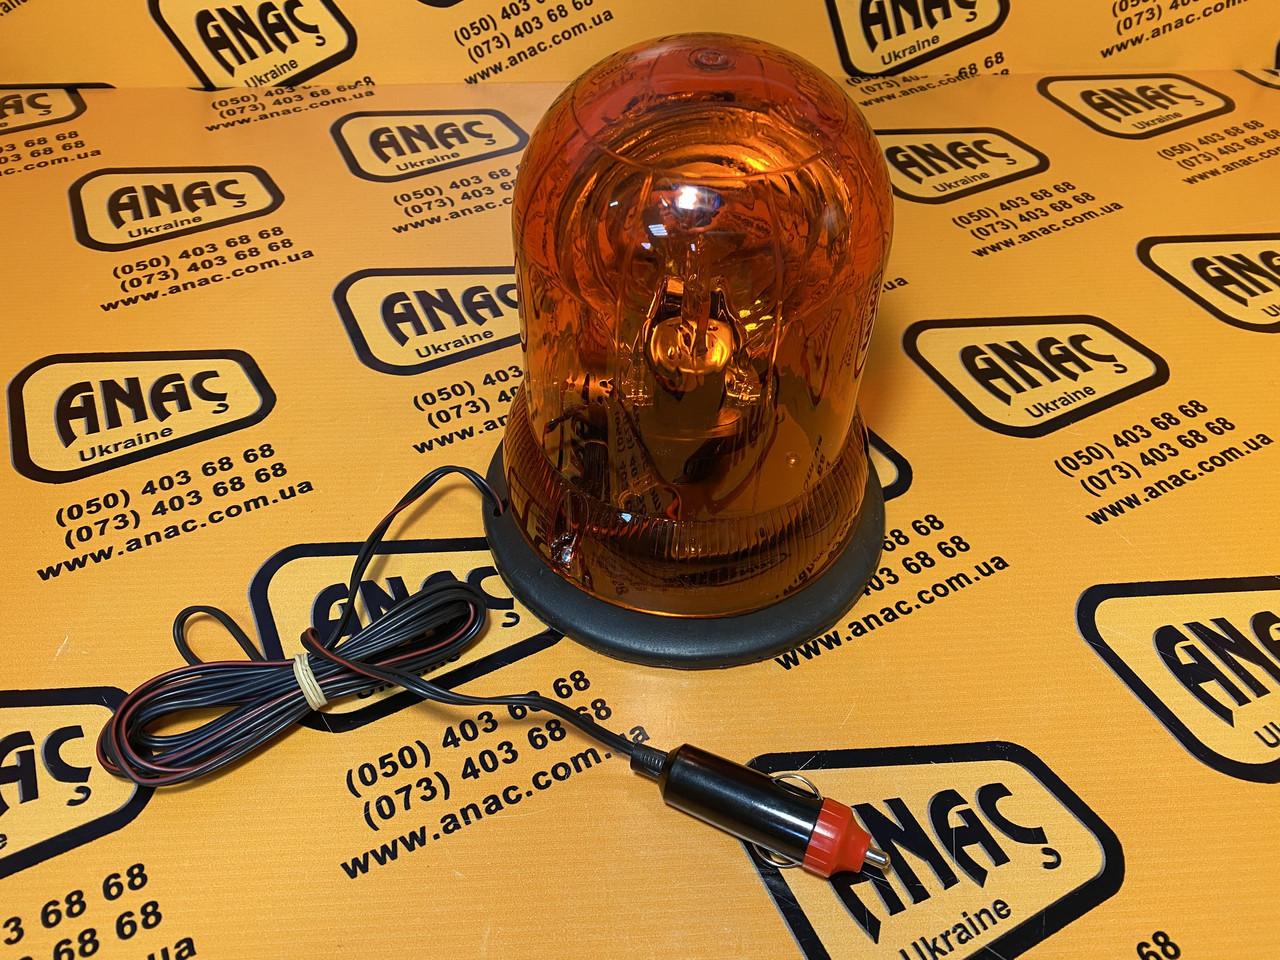 Сигнализатор (маяк) на JCB 3CX, 4CX номер : 700/50114, 983/10408, 700/36800